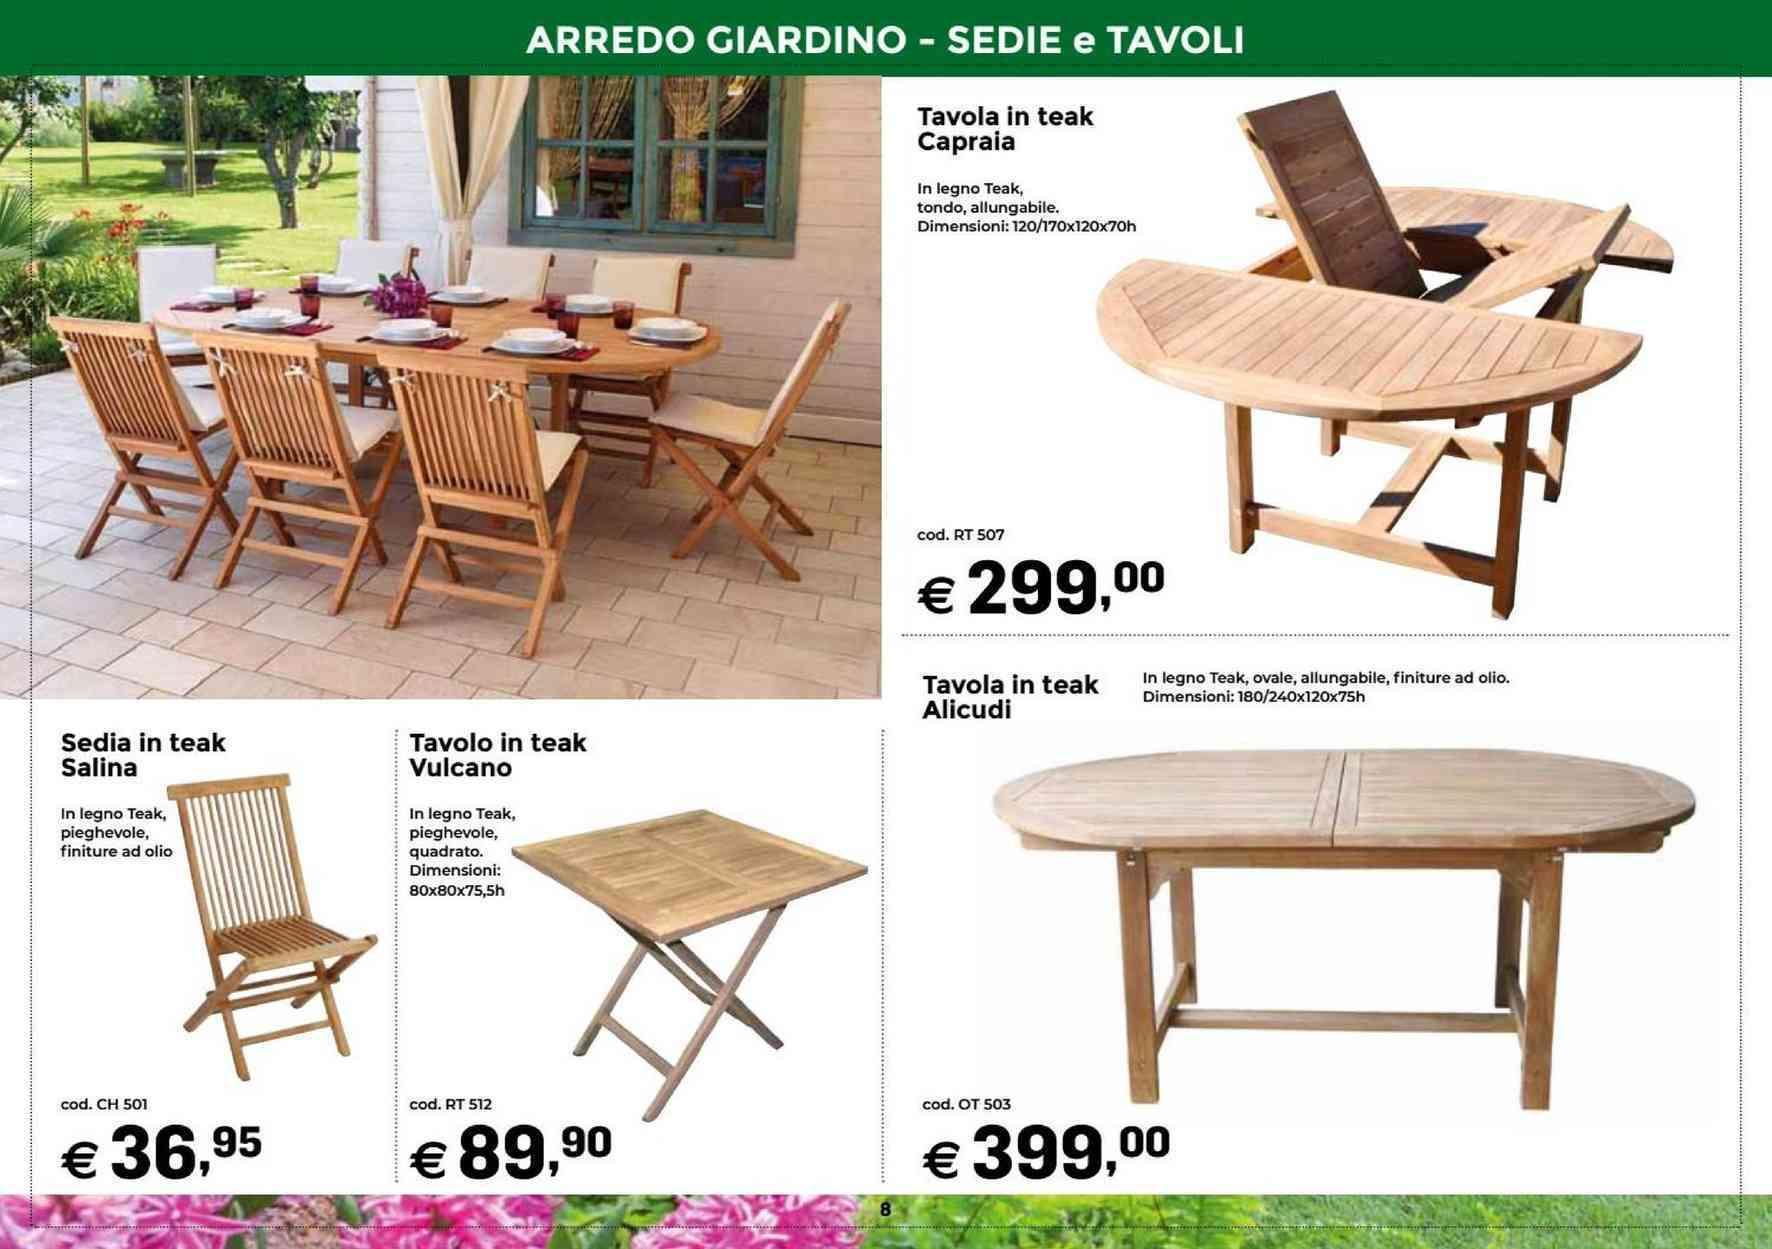 Offerte Sedie da giardino nel volantino, prezzi negozio